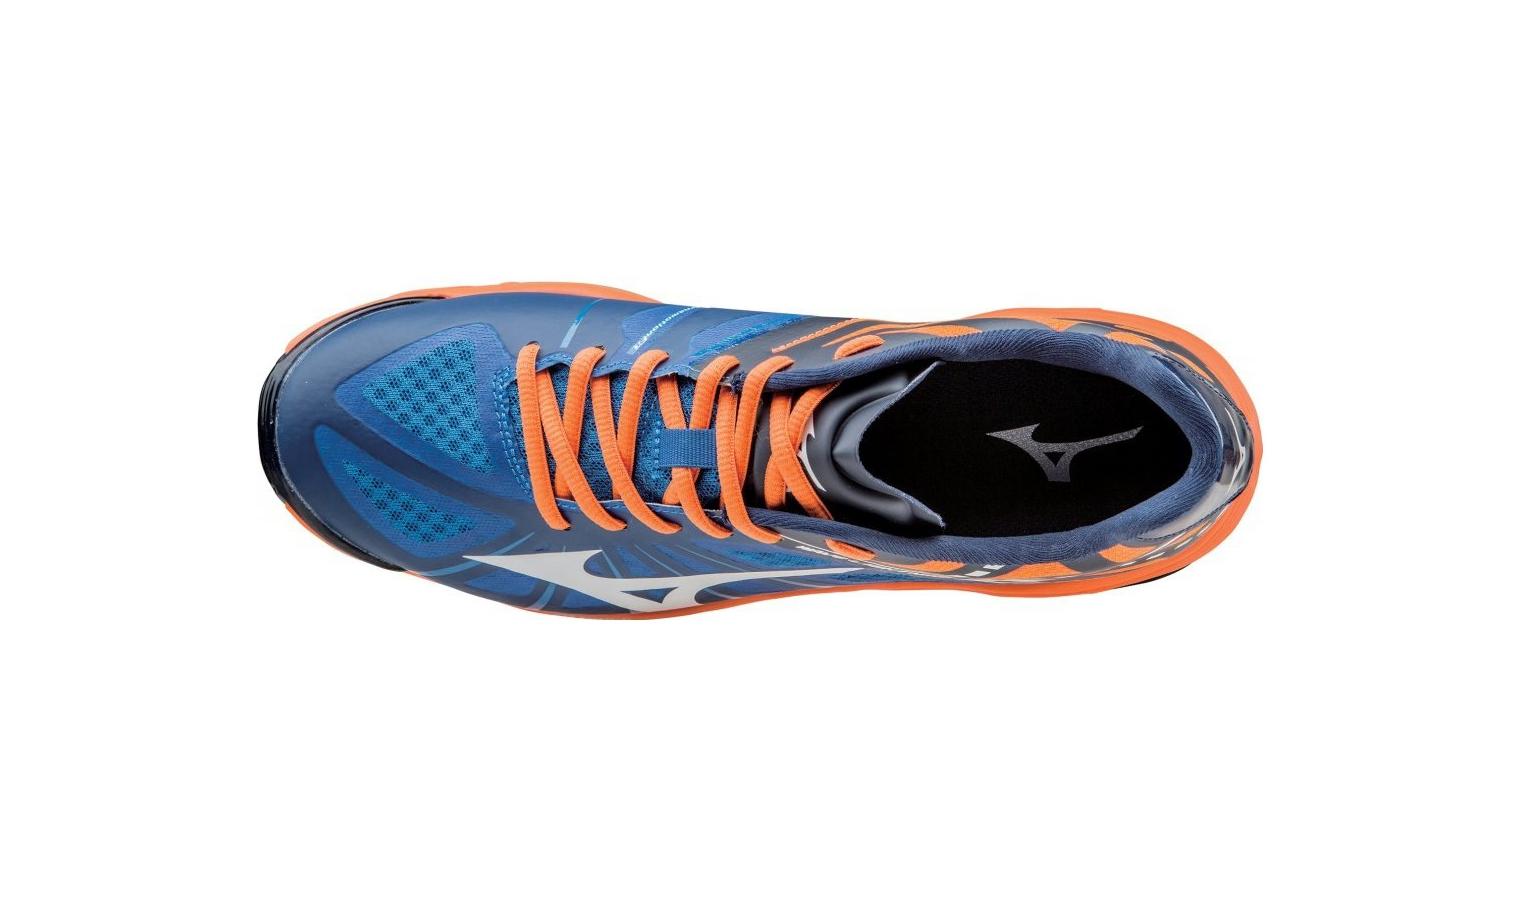 b26d1723ef6 Pánské sálové boty Mizuno WAVE LIGHTNING Z modré   oranžové